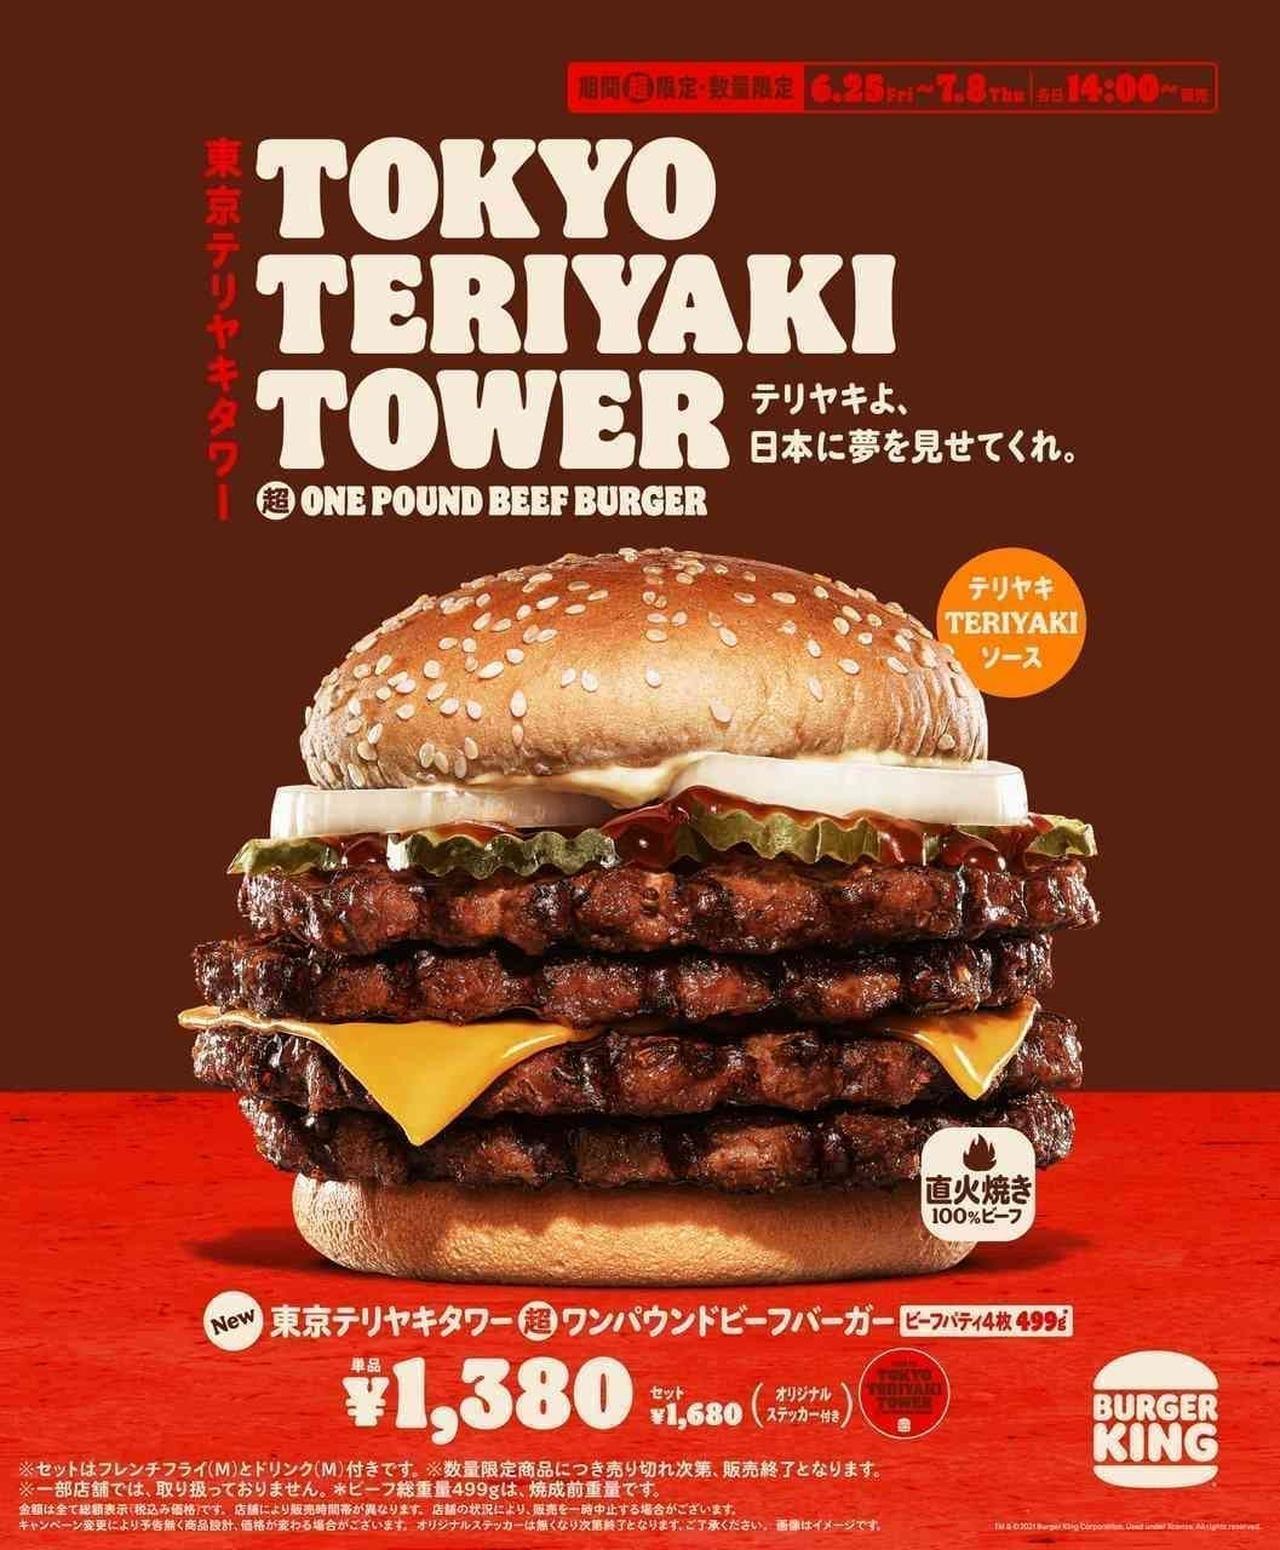 バーガーキング「東京テリヤキタワー超ワンパウンドビーフバーガー」